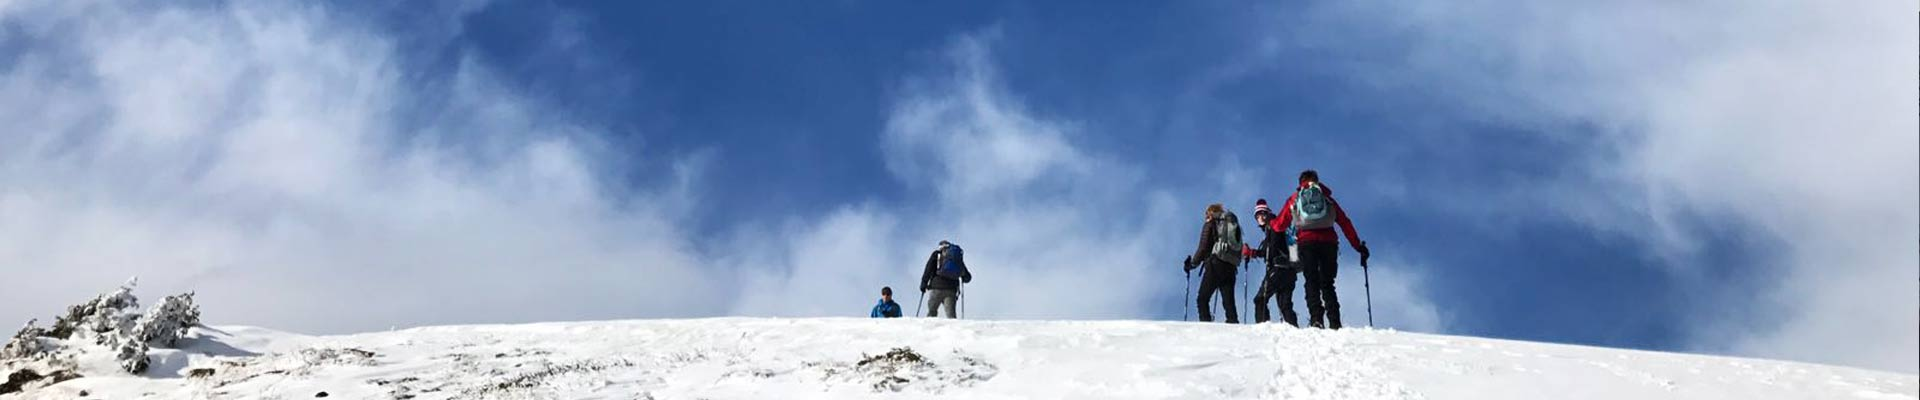 chalet-alpelune-sneeuwschoenwandelen